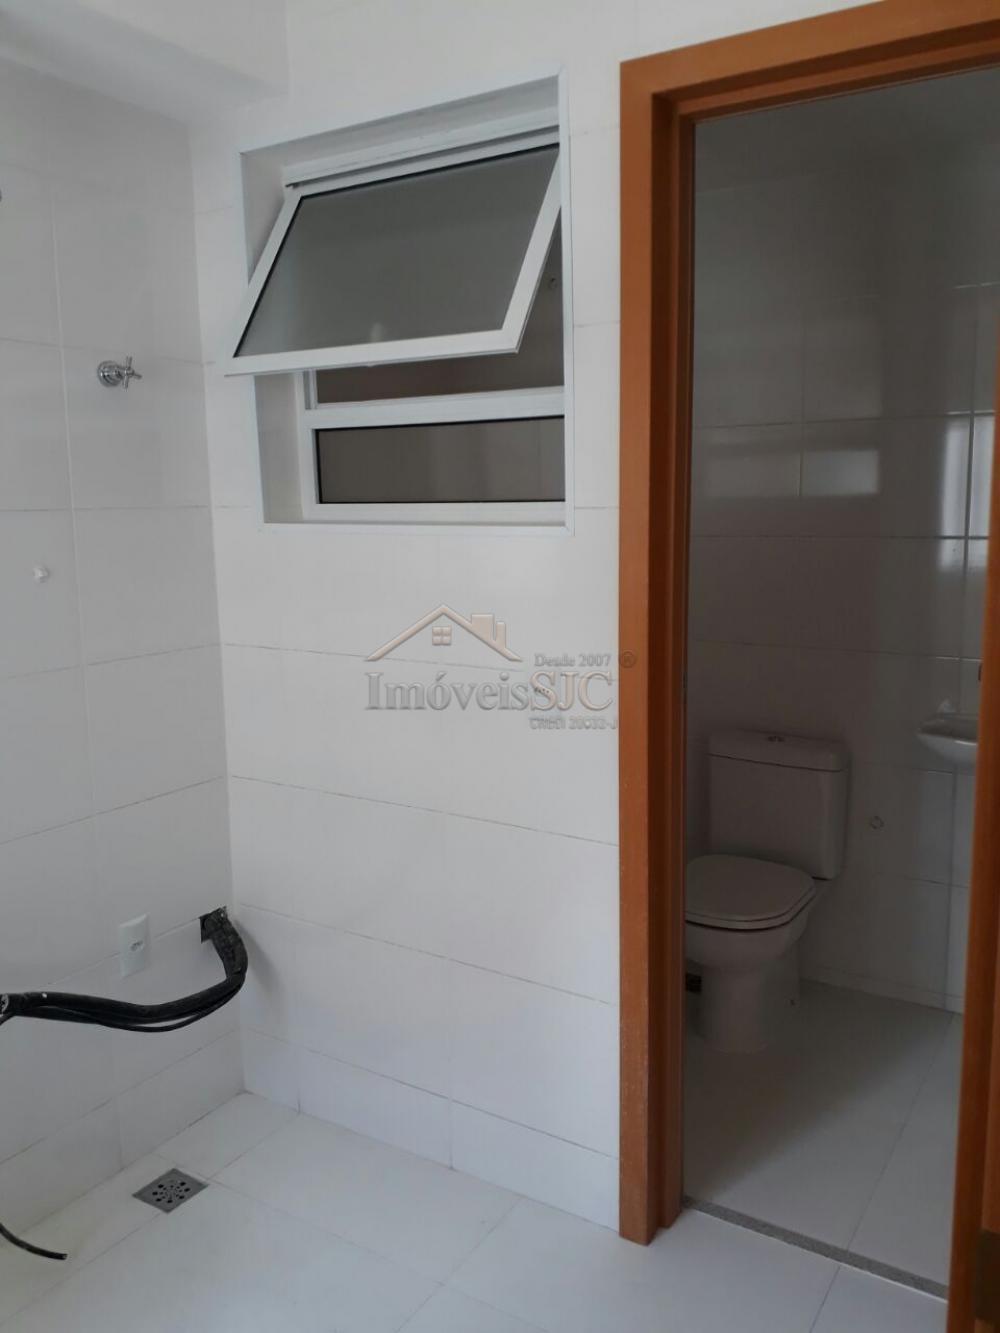 Alugar Apartamentos / Padrão em São José dos Campos apenas R$ 3.500,00 - Foto 12